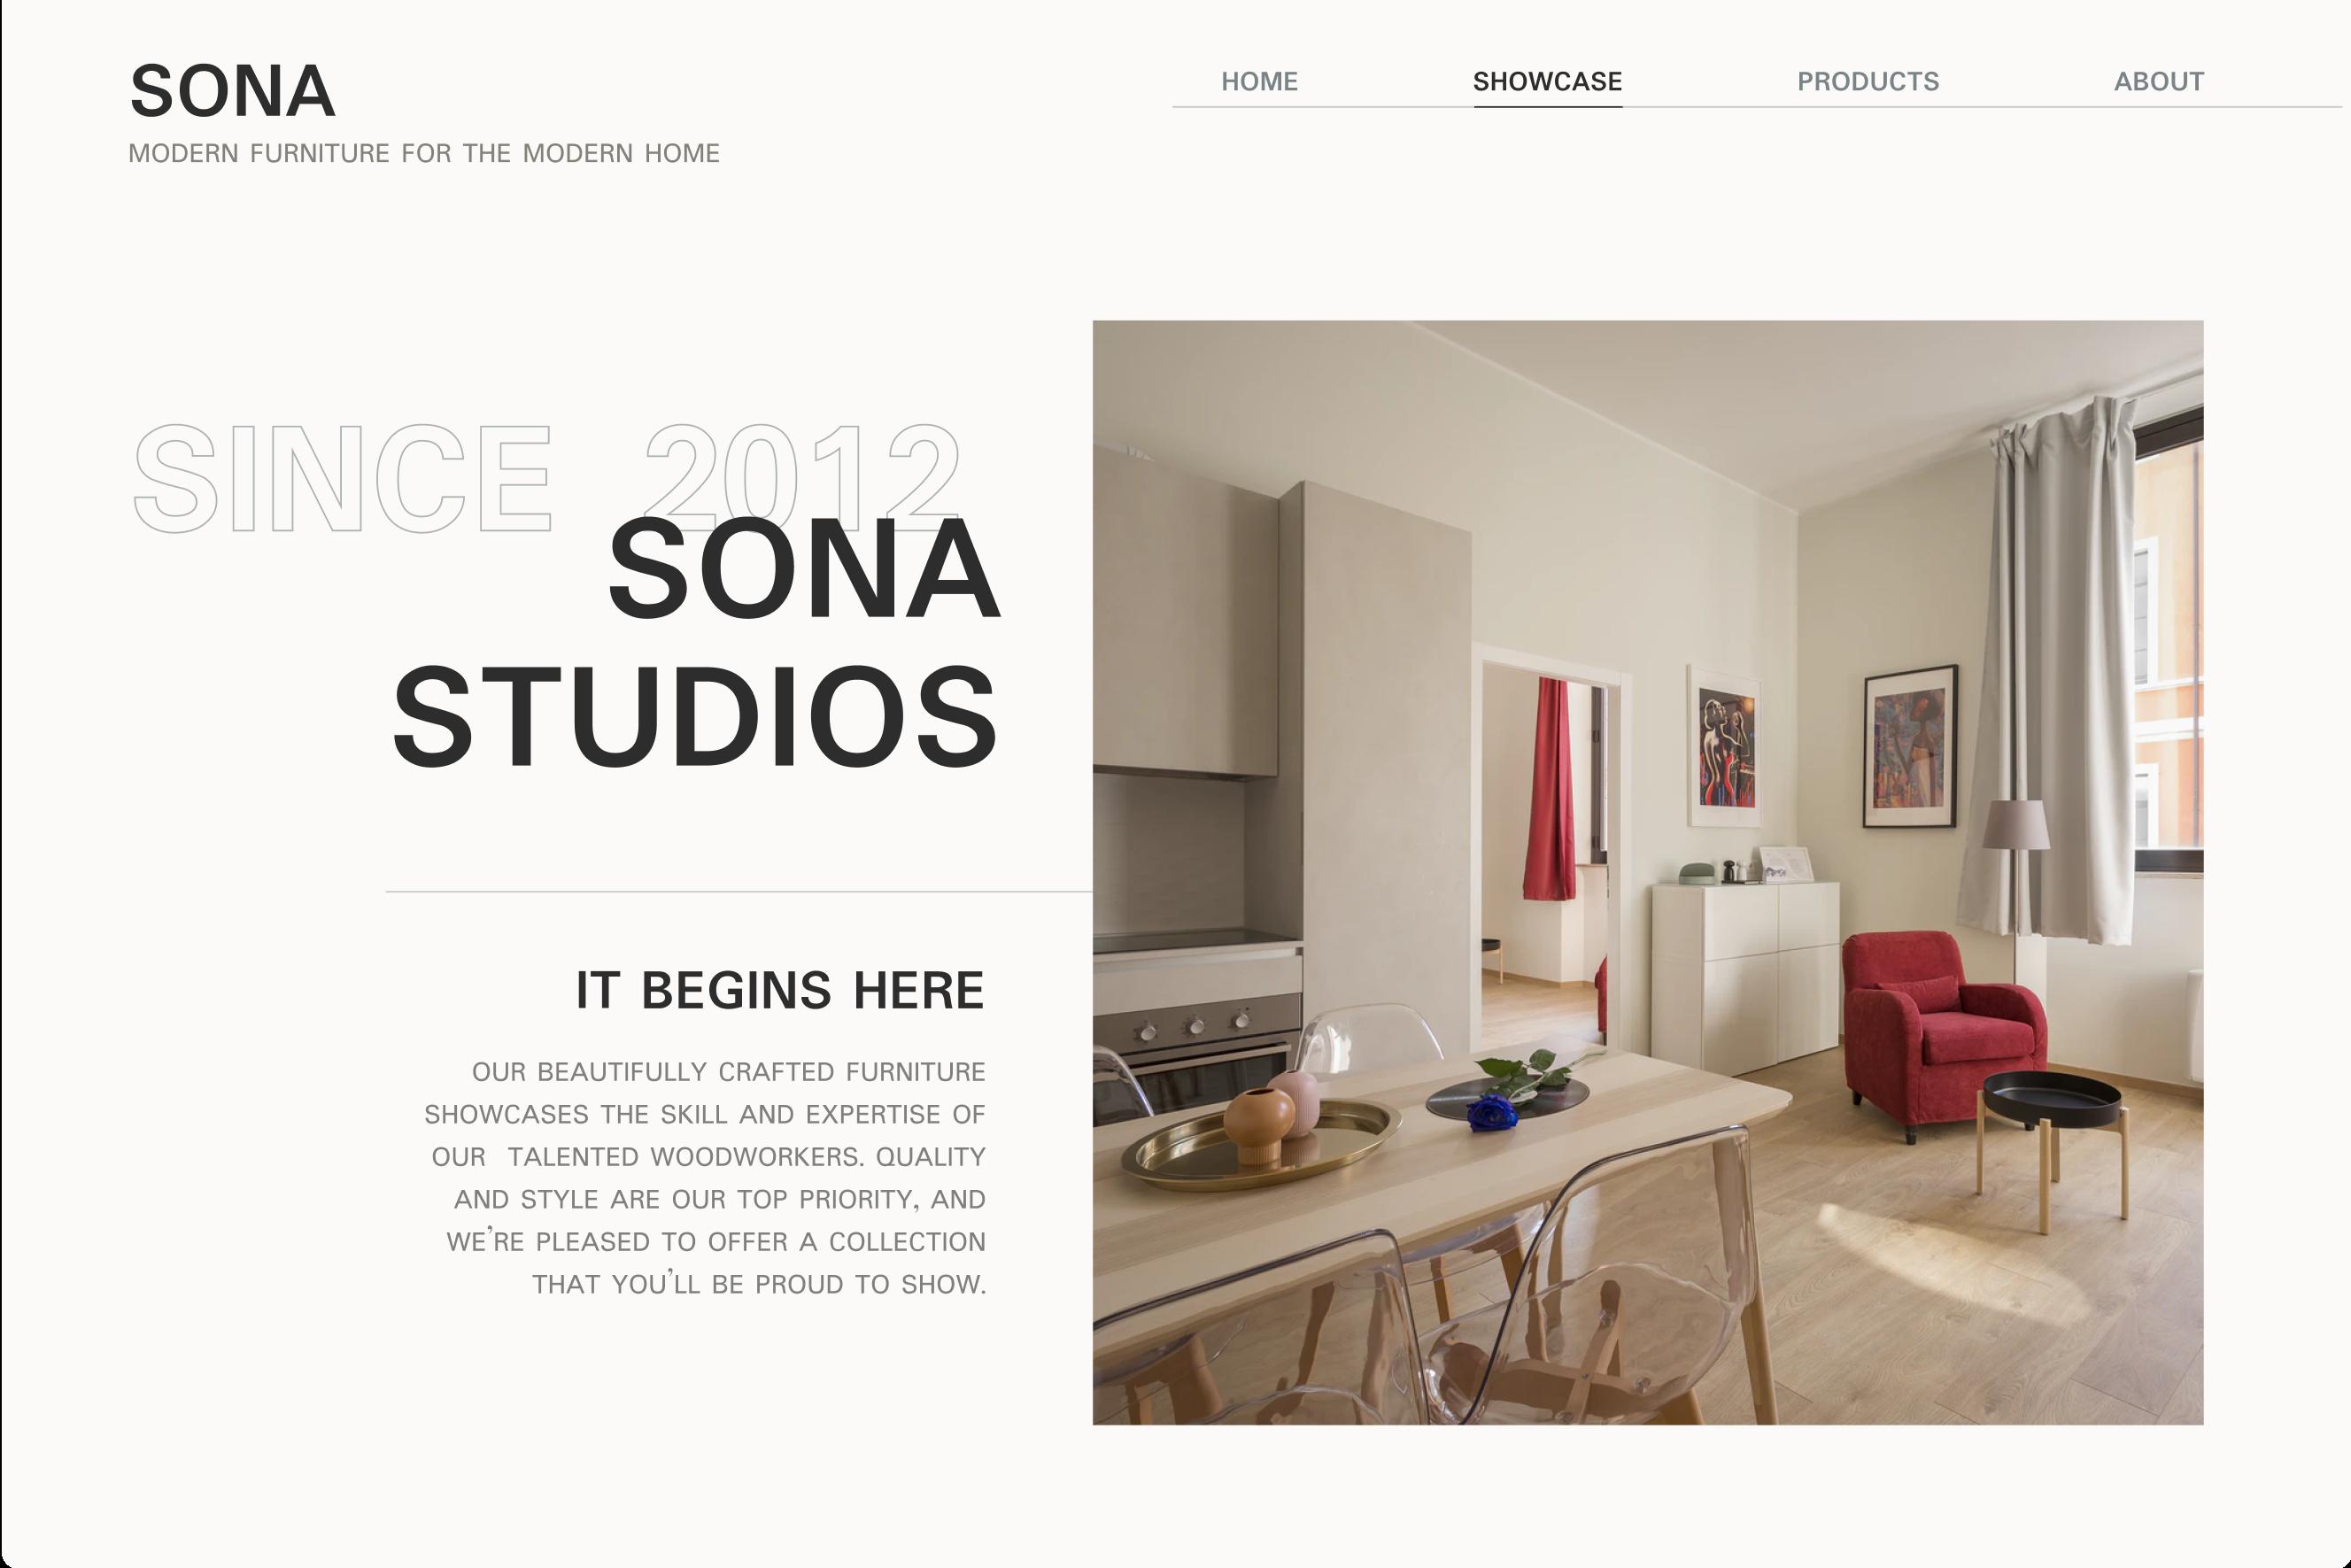 Sona Studios - a modern furniture website